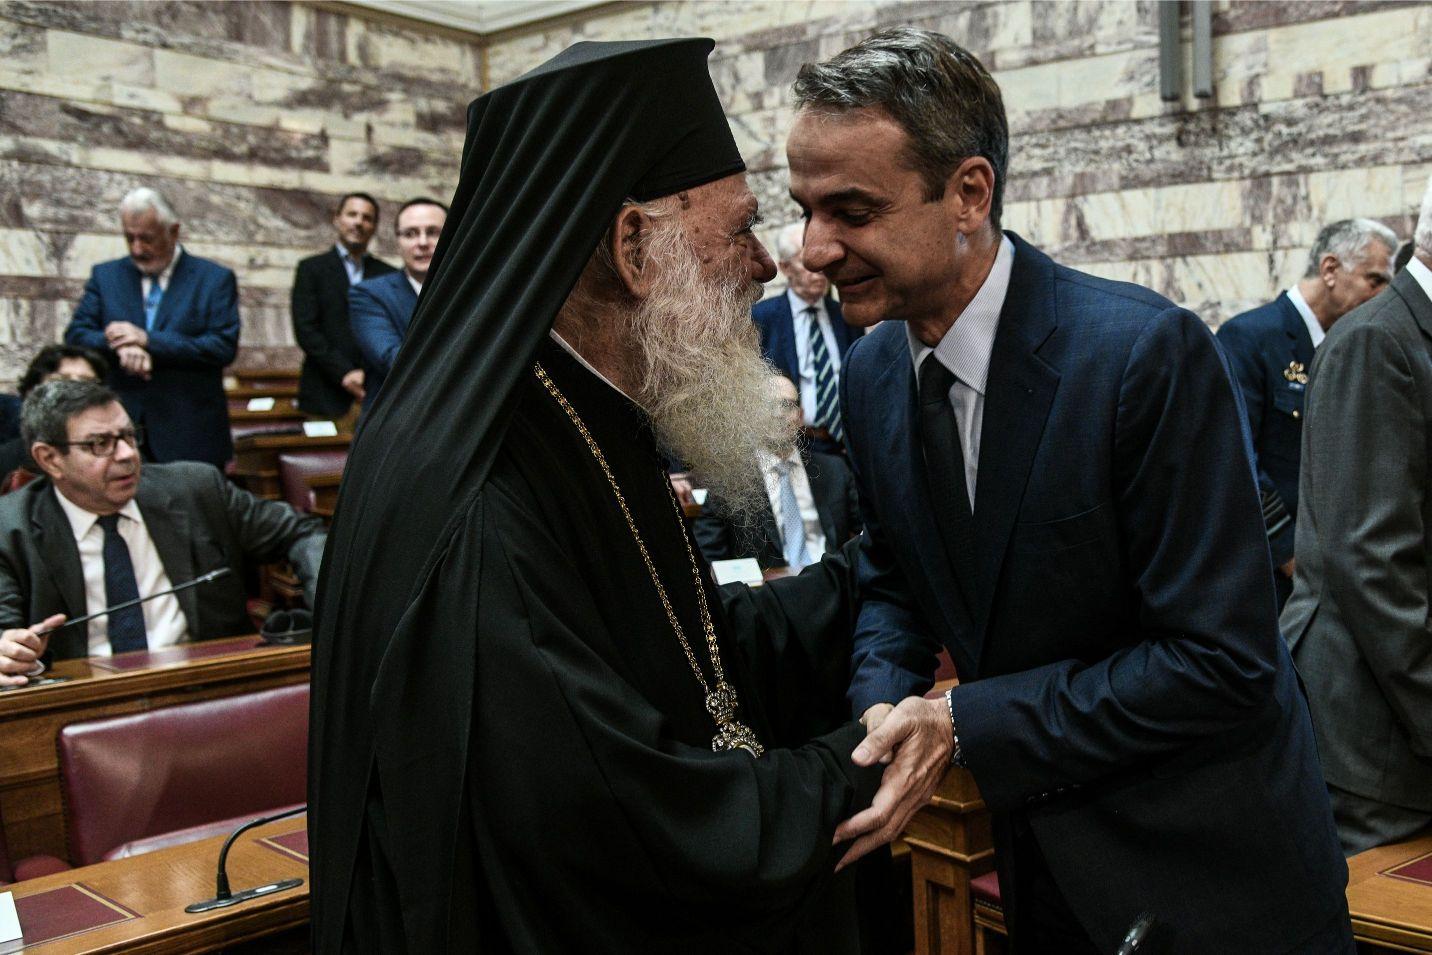 Χειραψία Κυριάκου Μητσοτάκη με τον Αρχιεπίσκοπο Ιερώνυμο